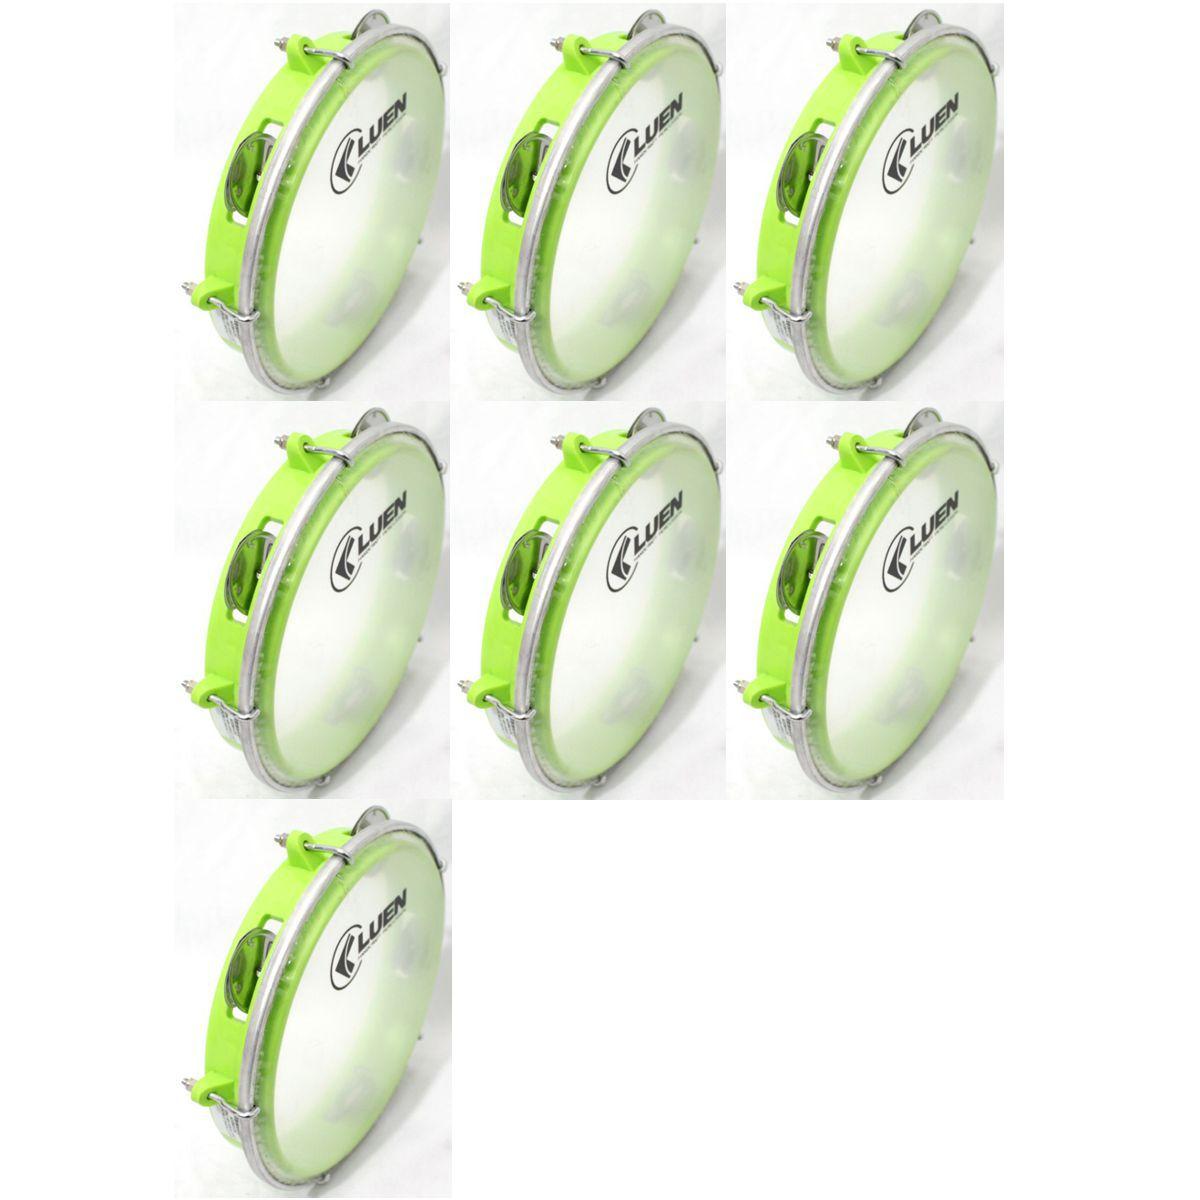 Pandeiro Luen 8 Junior ARO ABS Verde Pele Cristal - 40084VDC - Pacote com 07 Unidades